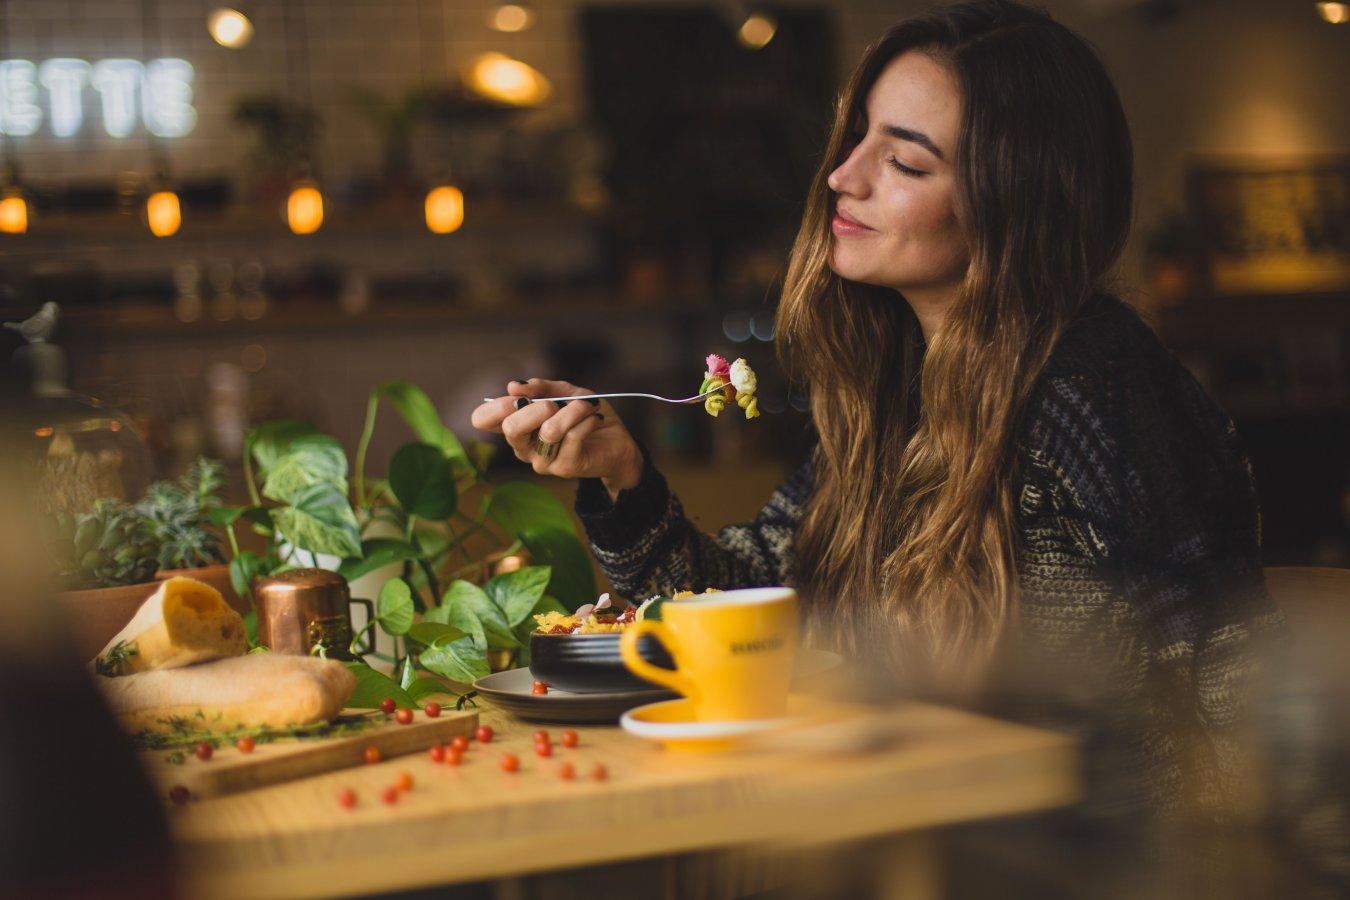 Как полезная еда влияет на настроение?